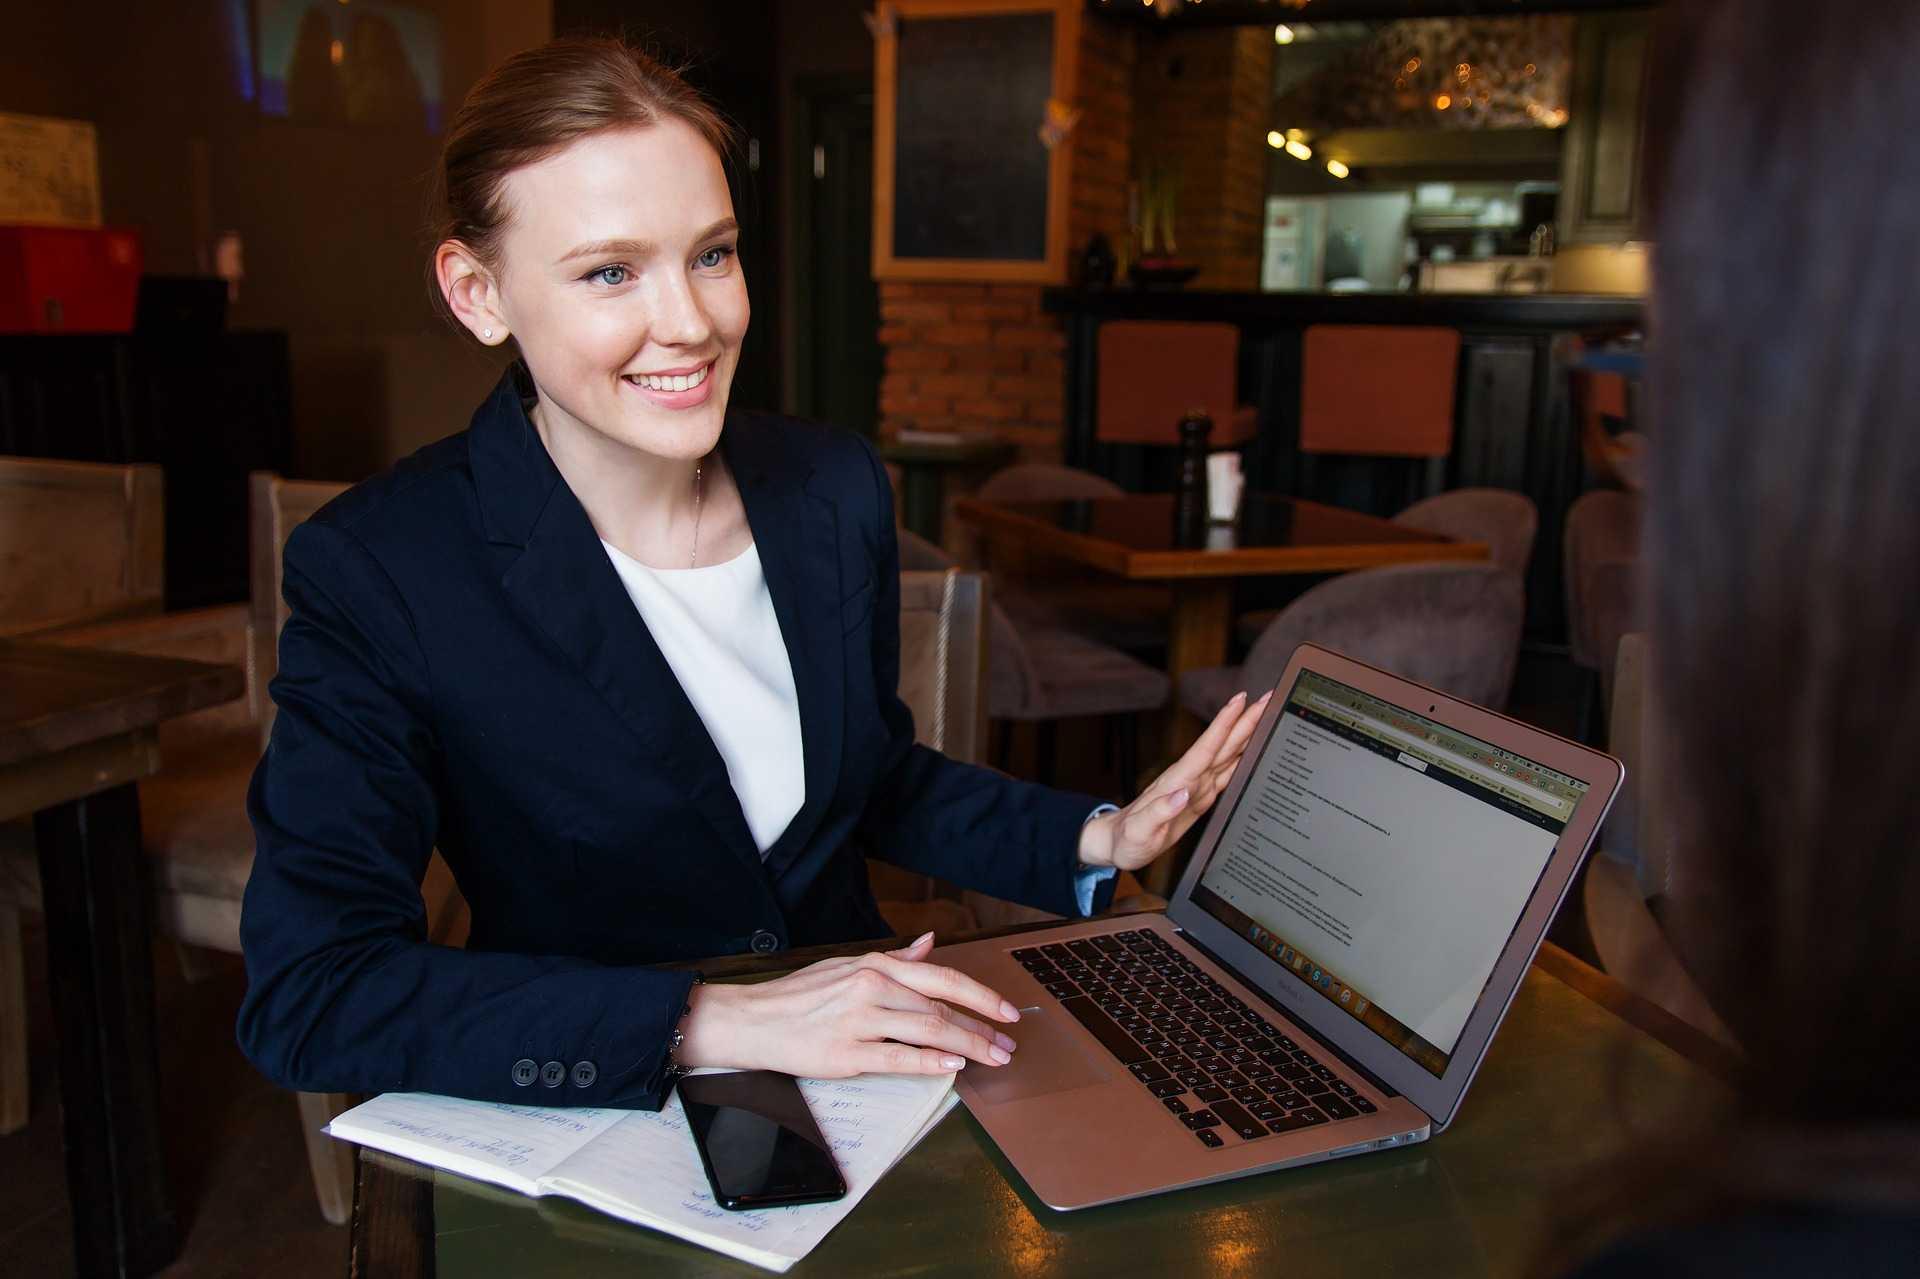 Changer de travail : et si reconversion professionnelle était synonyme de bonheur ?